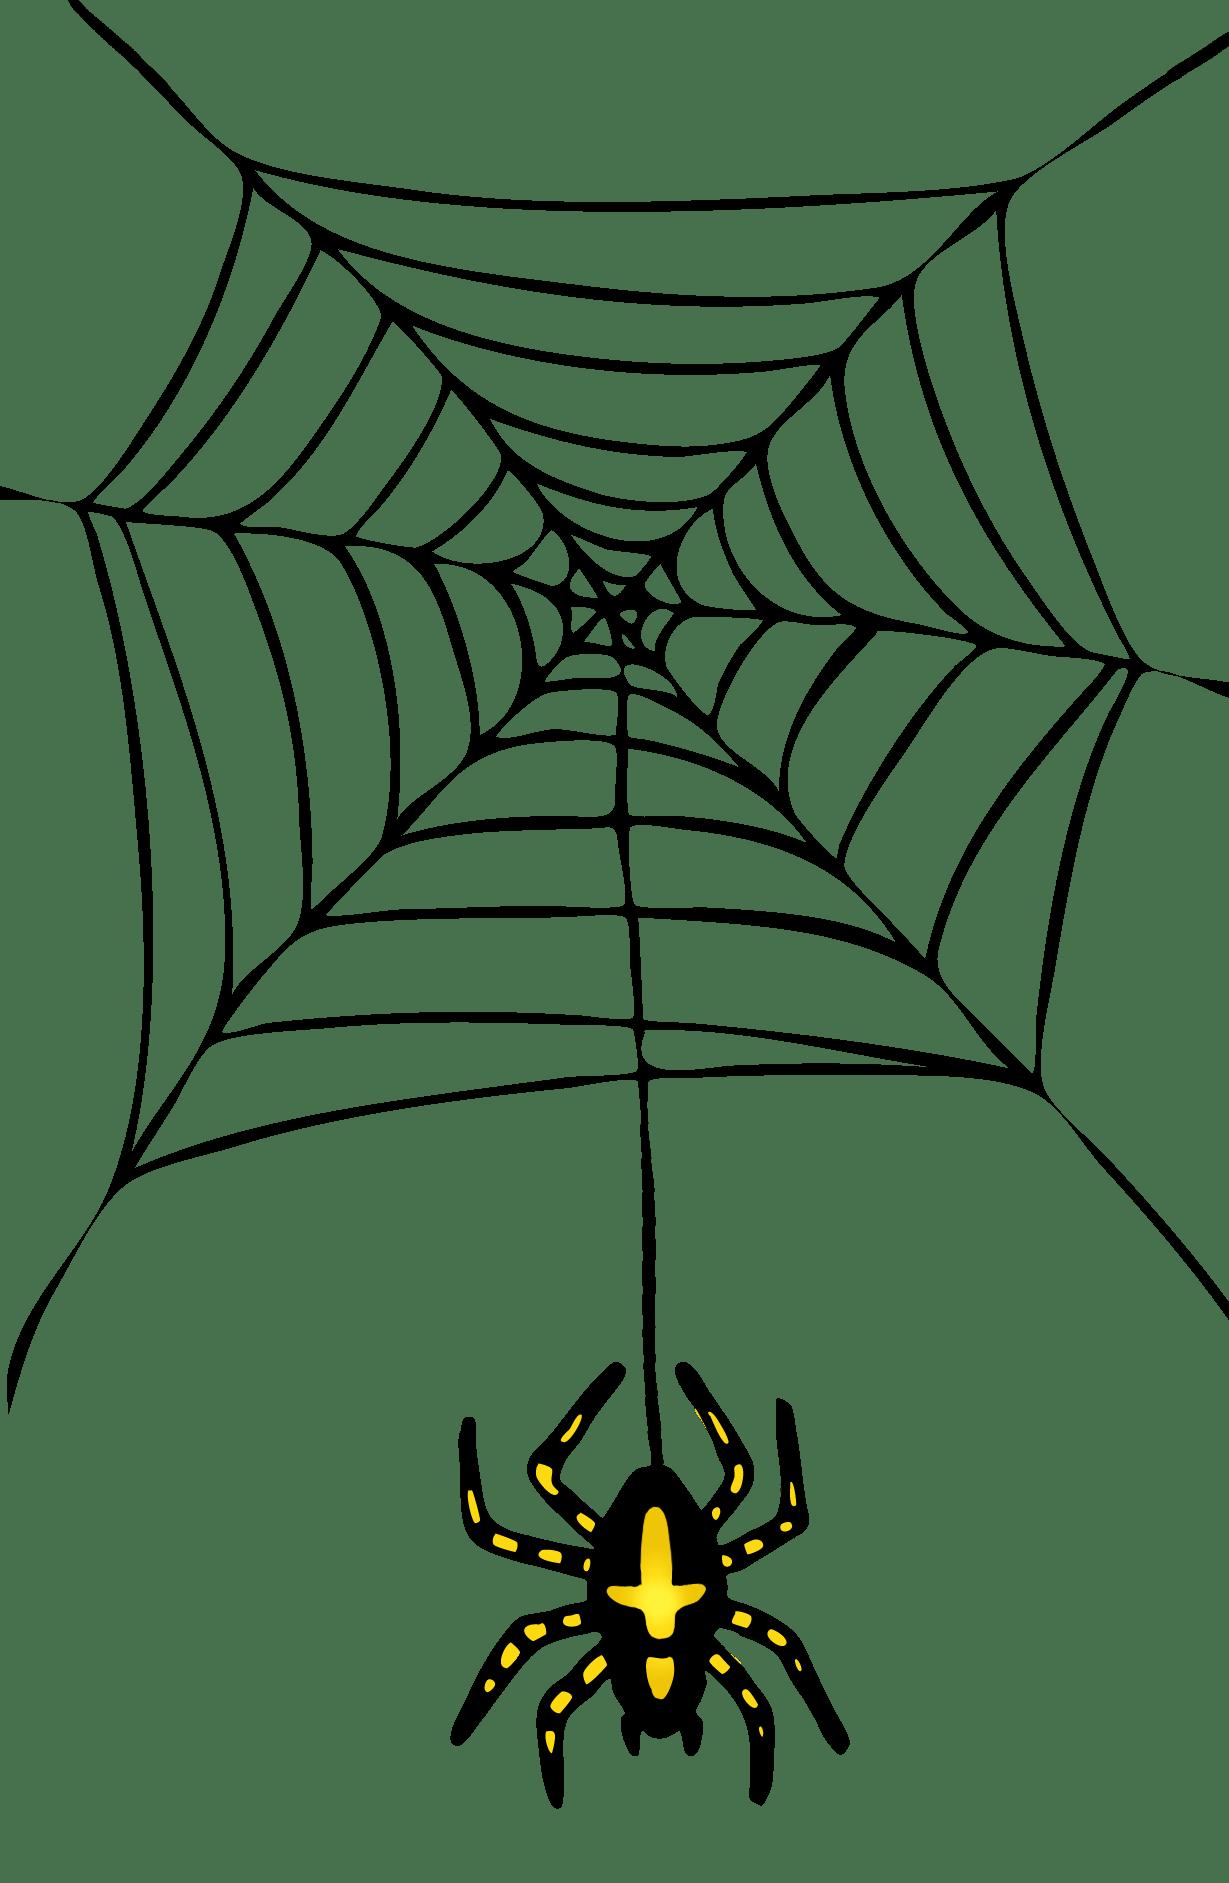 Halloween Spider Pictures